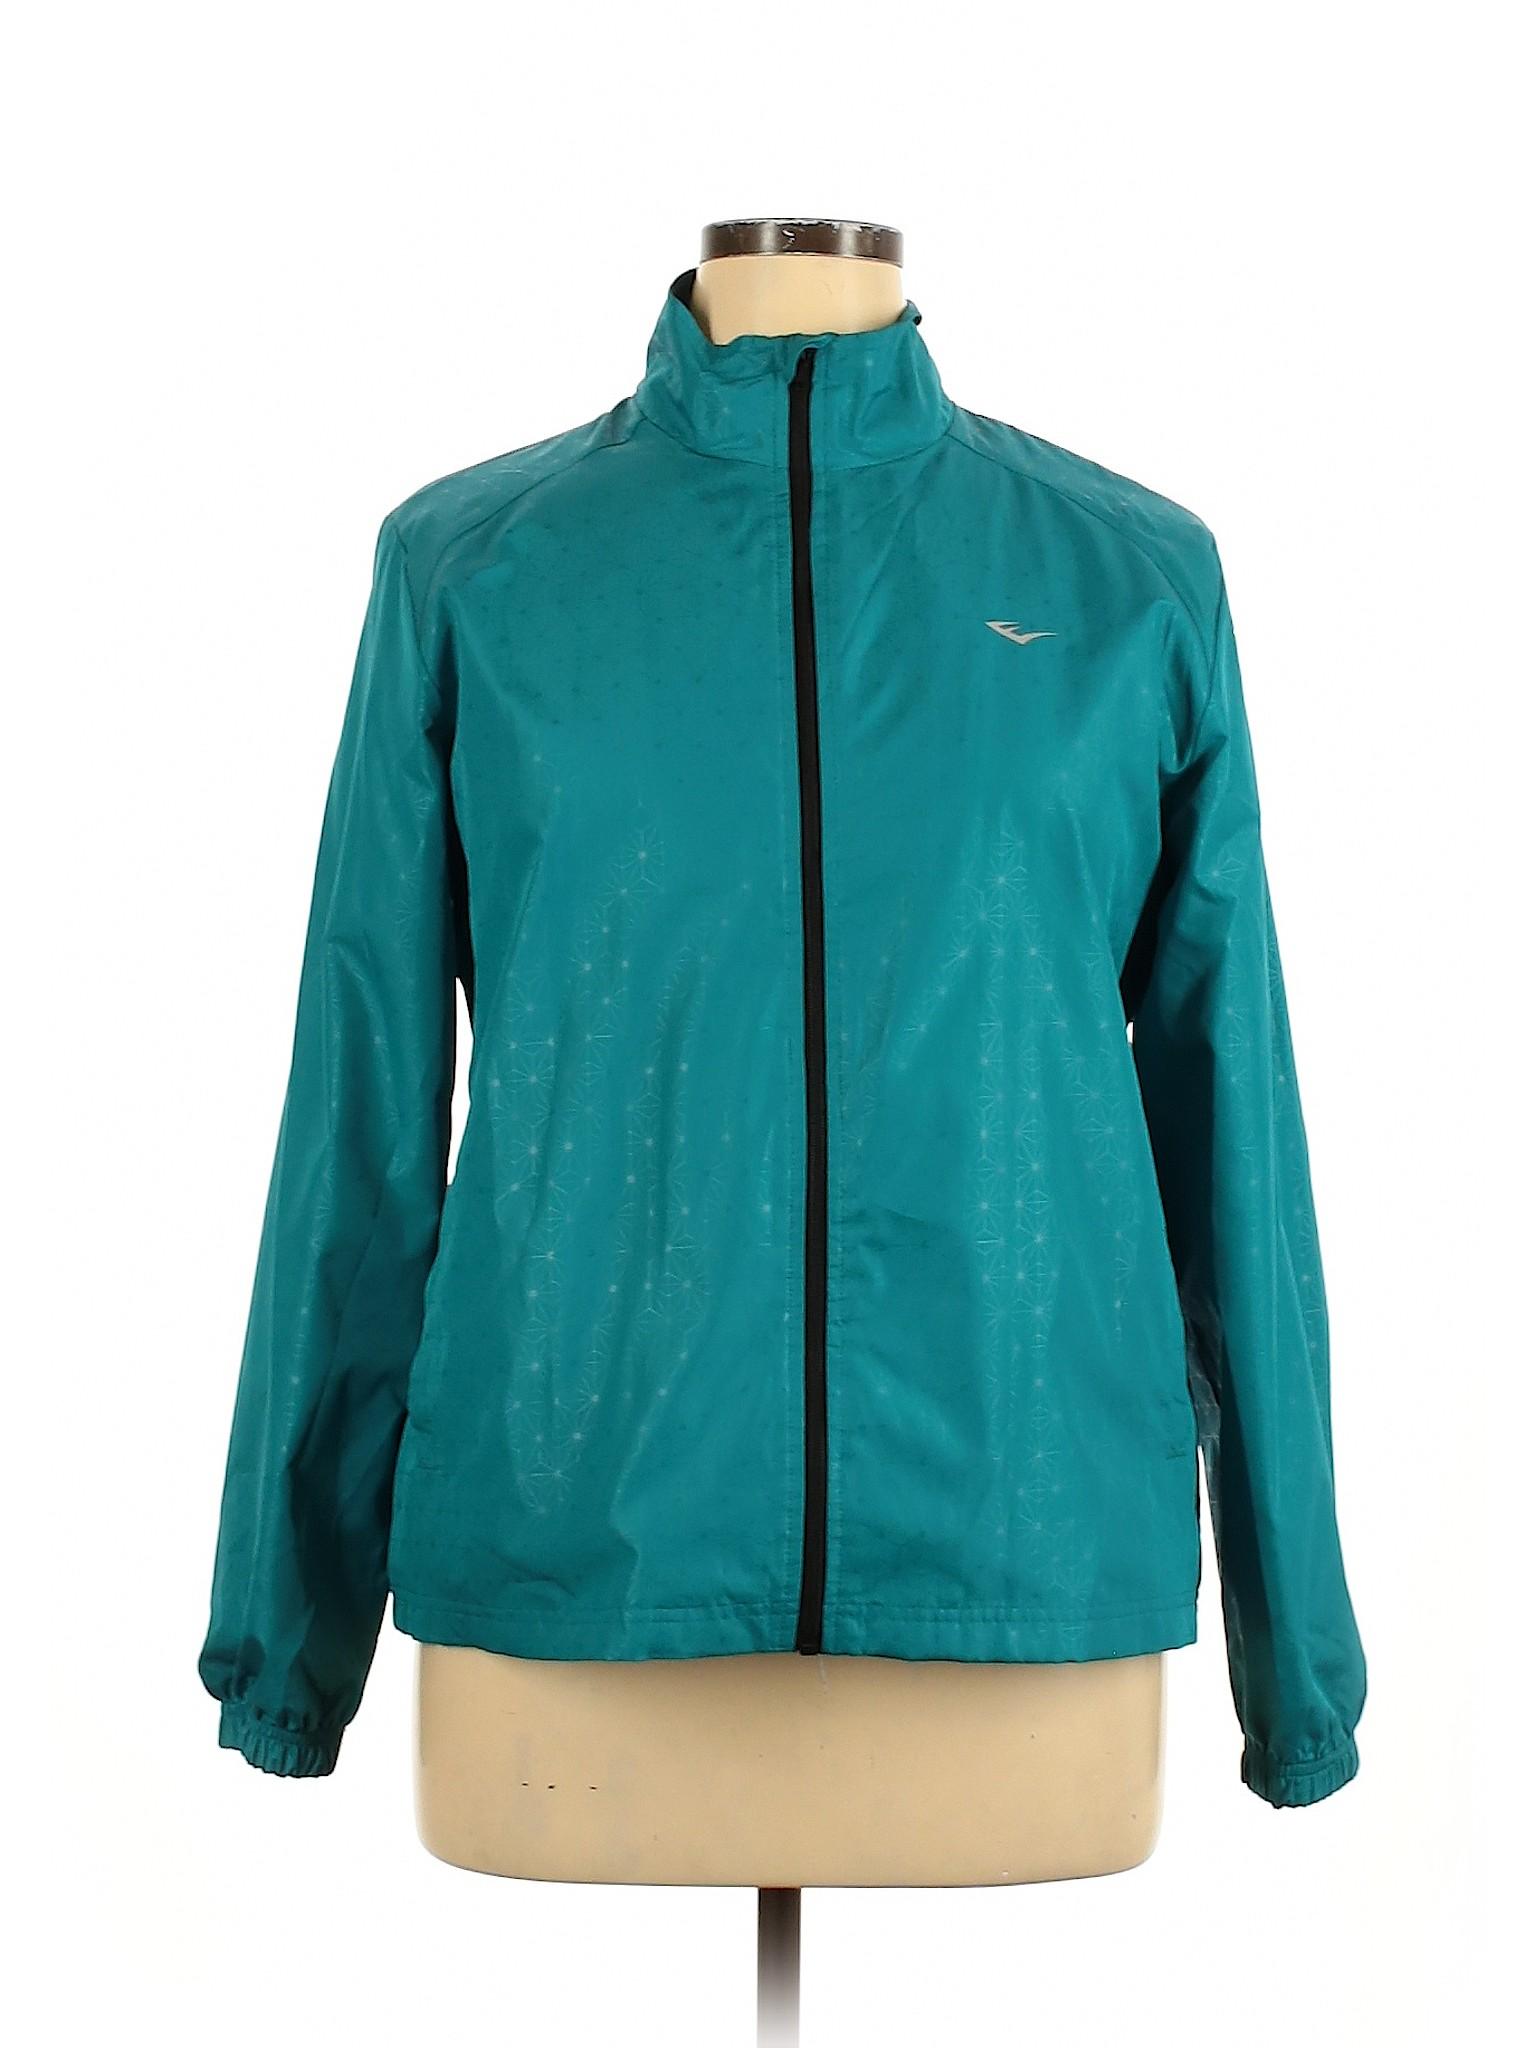 Everlast Hooded Light Windbreaker Jacket  Womens Size